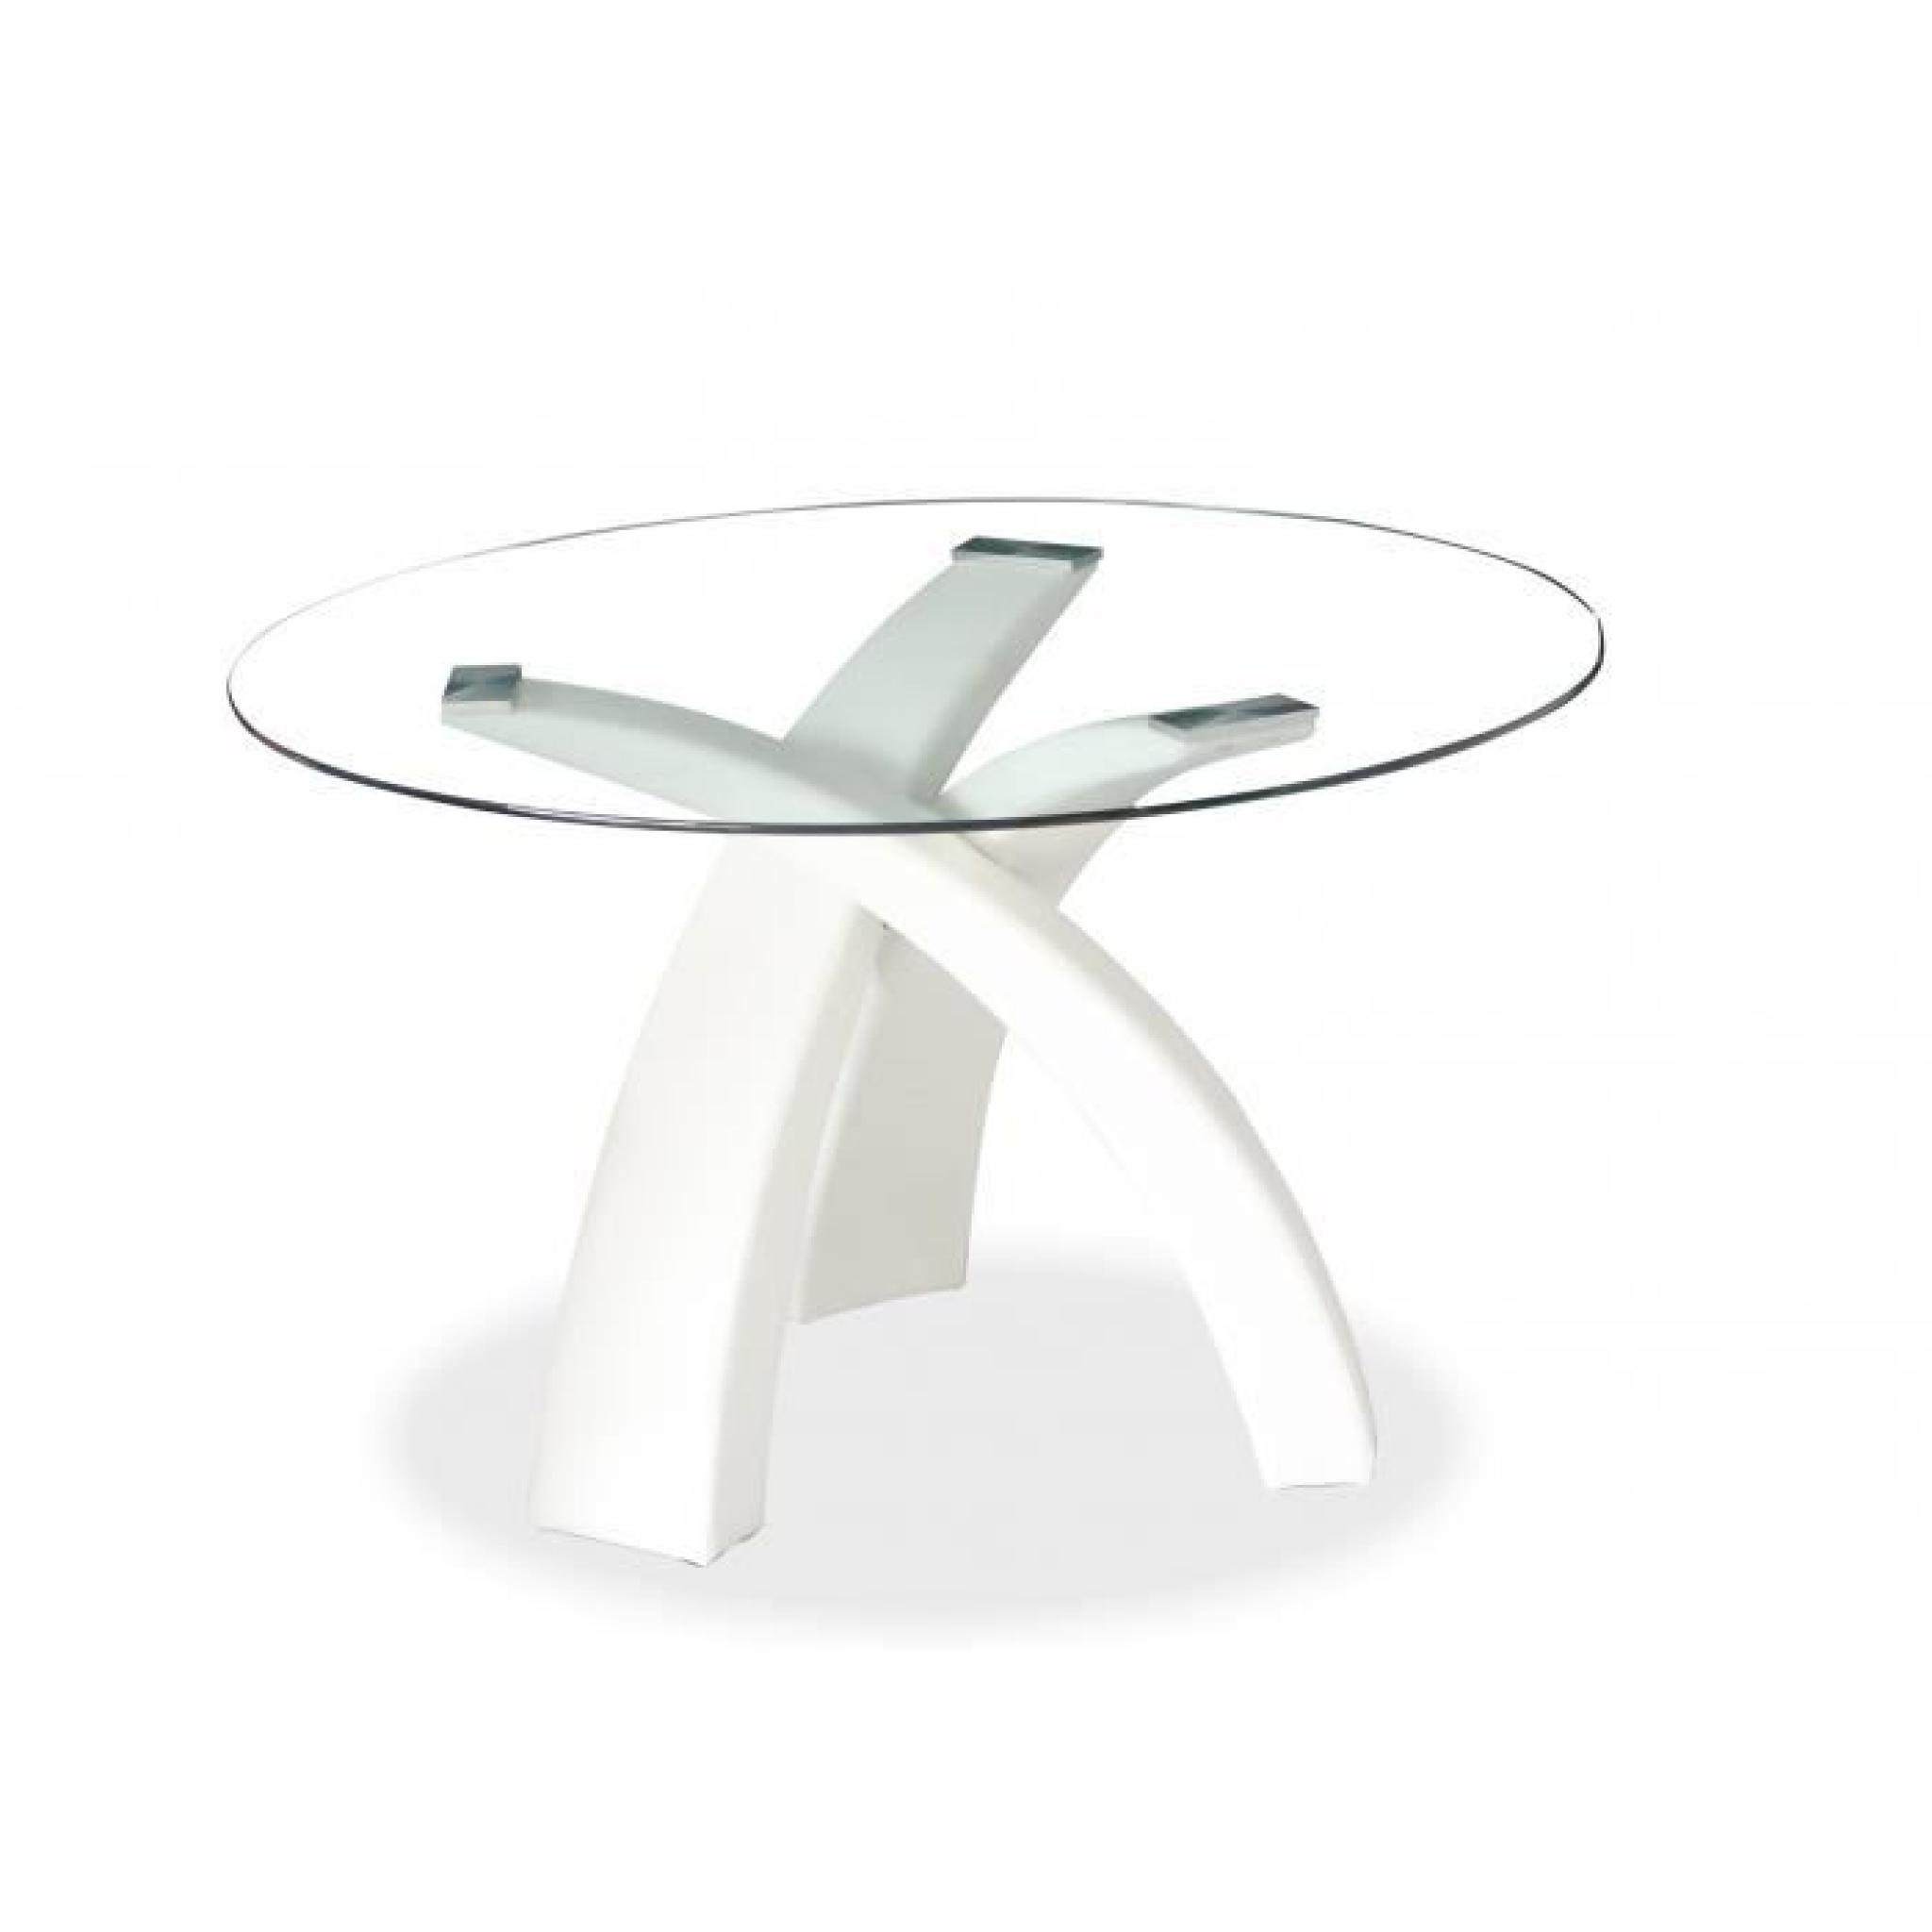 Table manger ronde blanche gore achat vente table salle a manger pas cher - Commander a manger pas cher ...